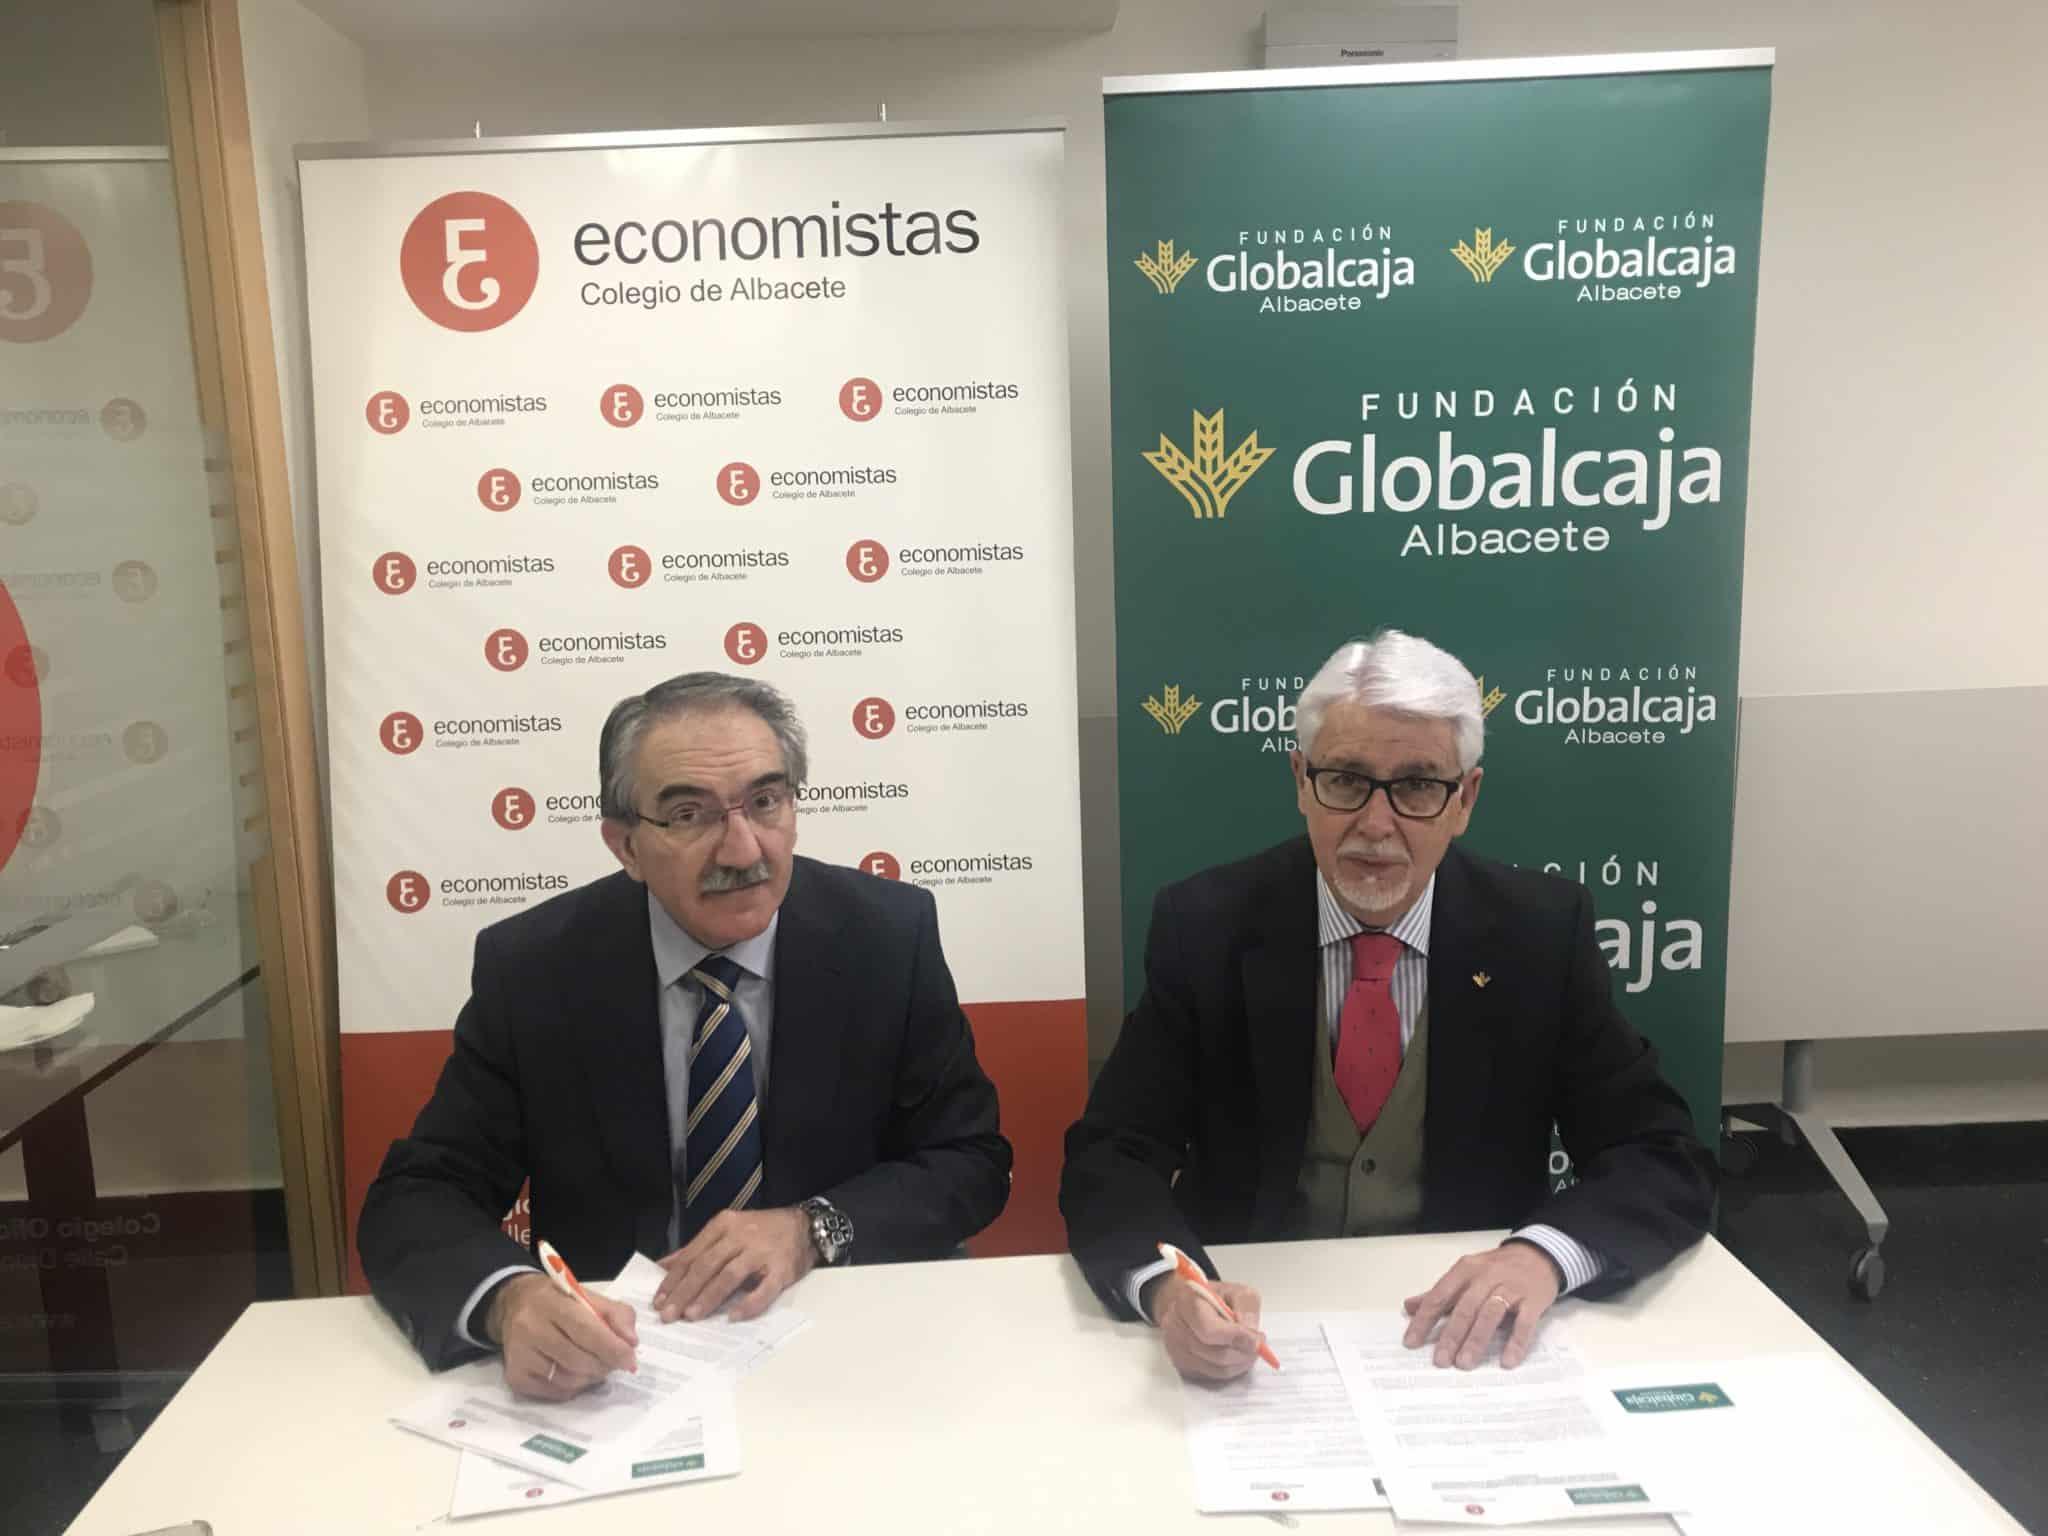 https://blog.globalcaja.es/wp-content/uploads/2019/03/Colegio-Economistas.jpg